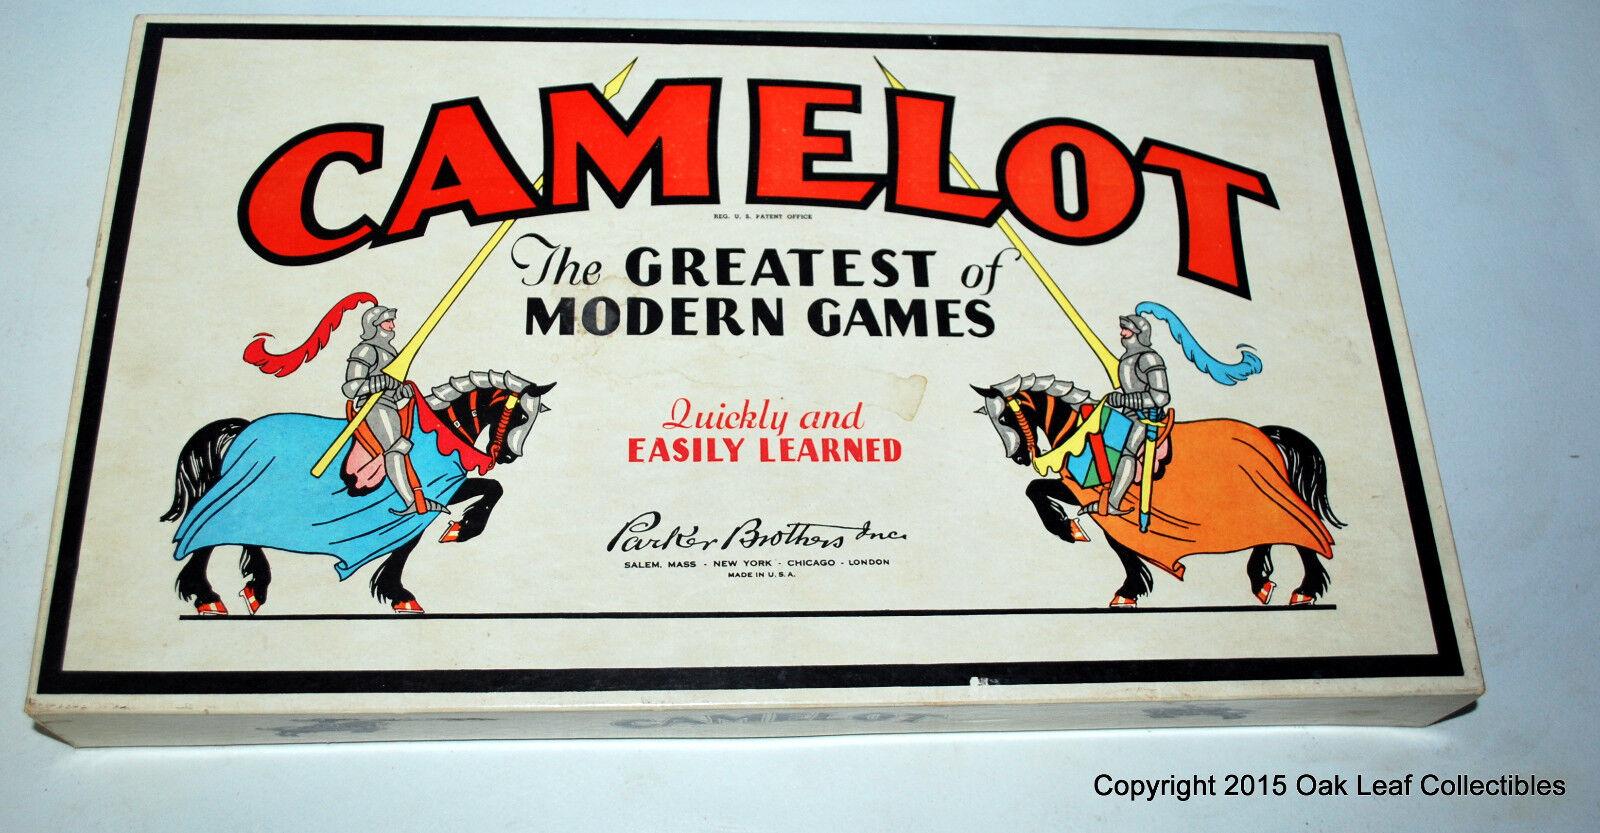 Vintage 1930 1931 Camelot Juego Parker Brojohers completo con instrucciones